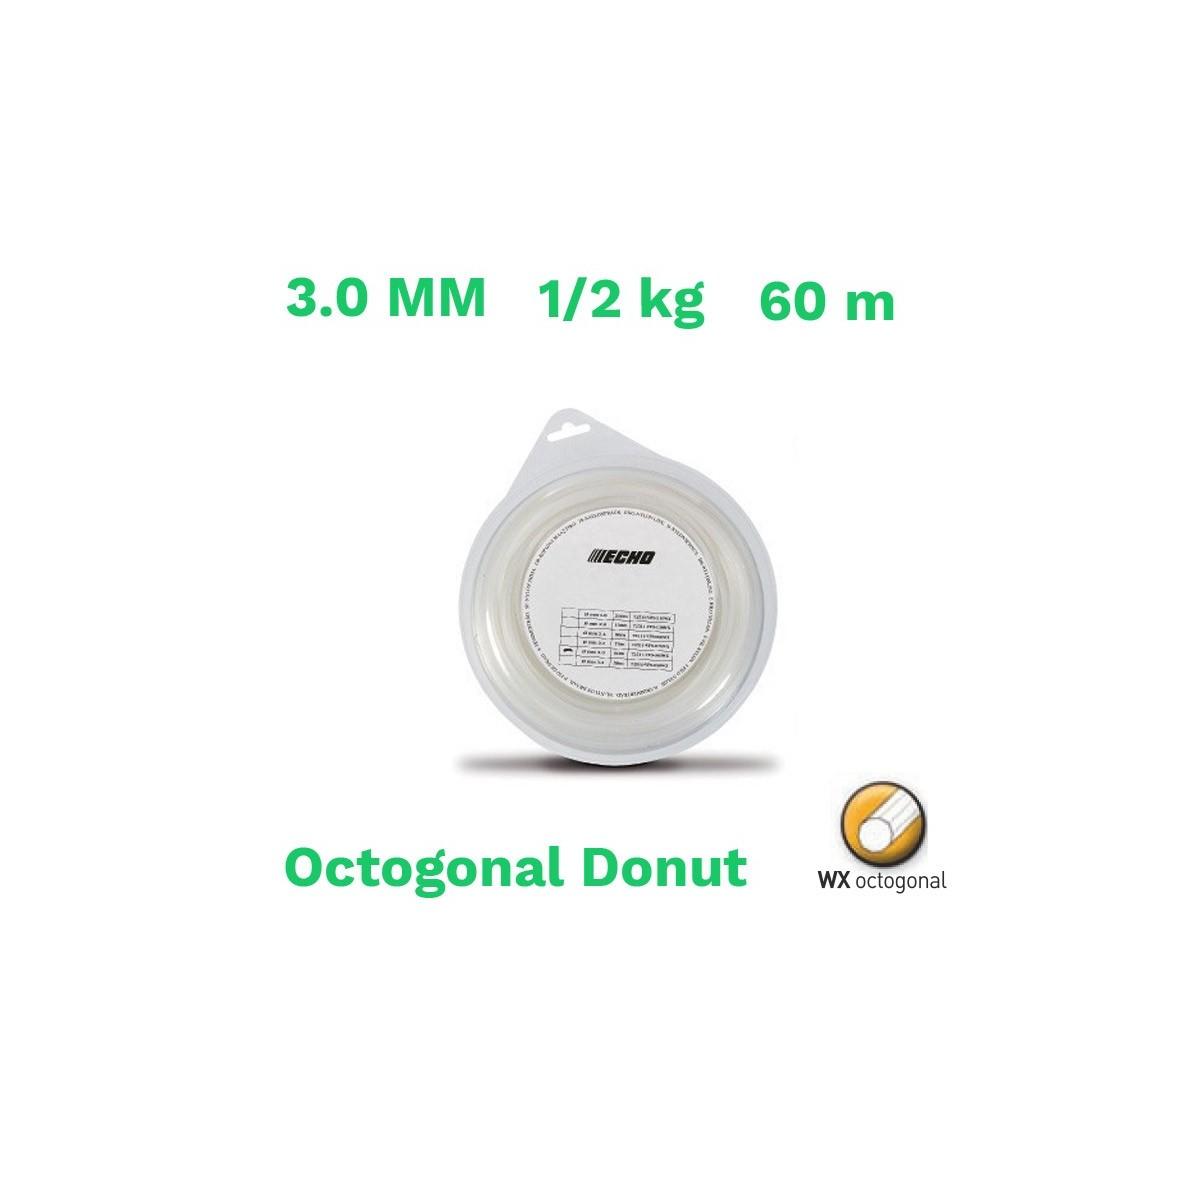 Echo hilo nylon octogonal donut 3.0 mm 1/2kg  60 m